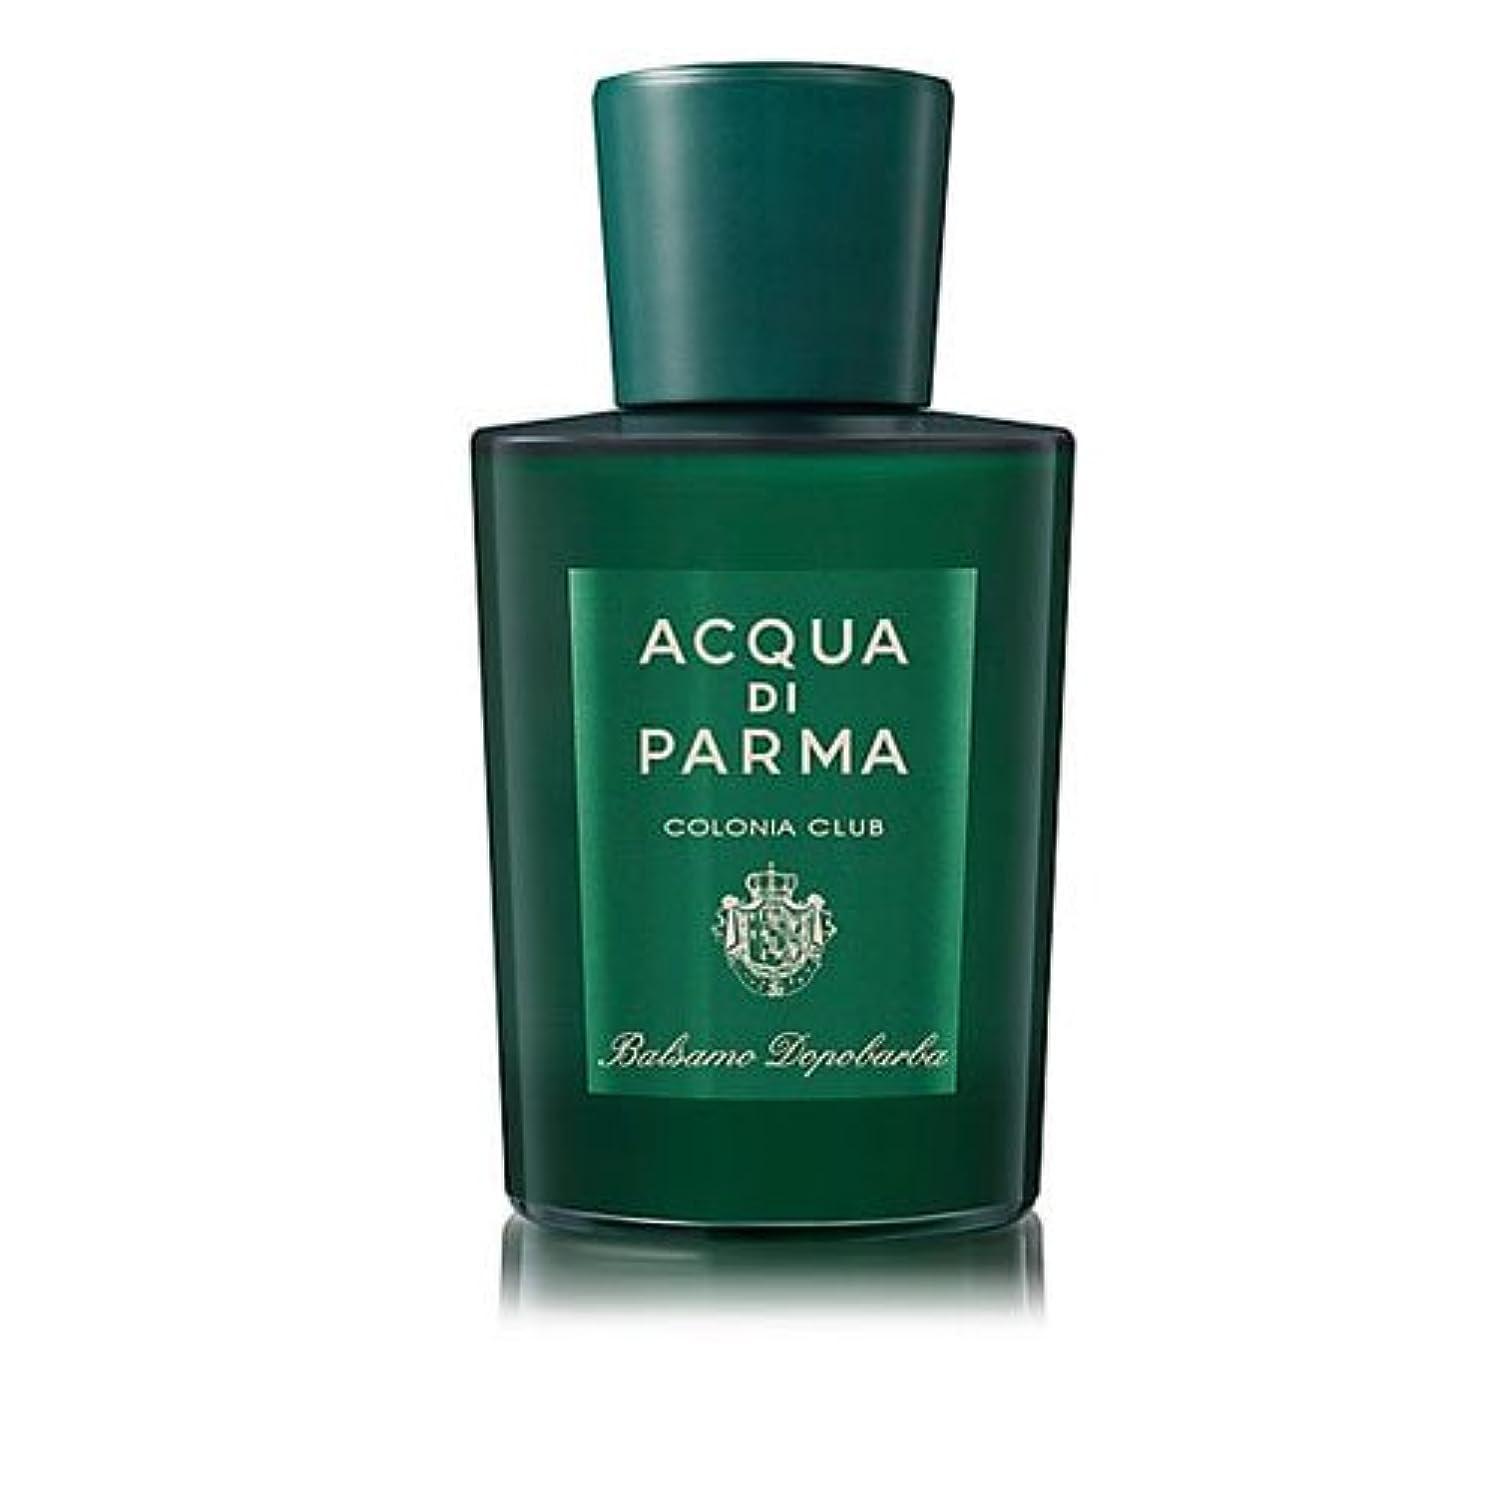 社交的考古学並外れた[Acqua Di Parma] Acqua Di Parma Colonia Club 180 ml EDC SP